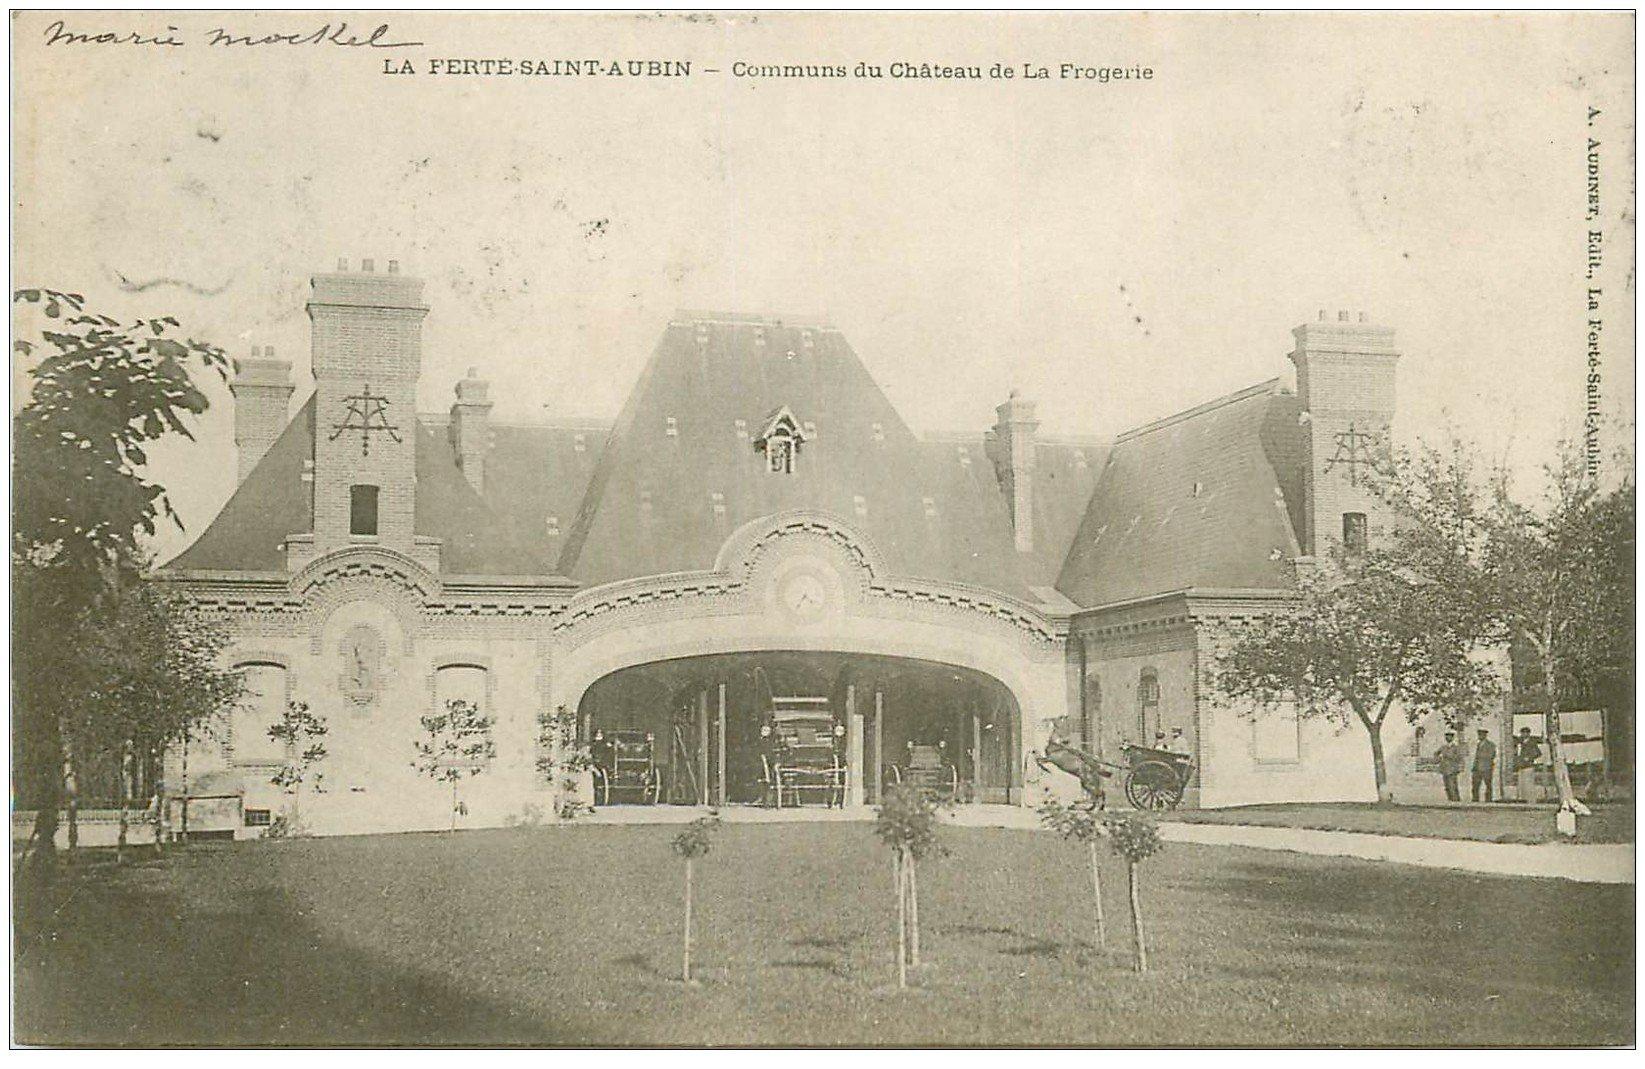 carte postale ancienne 45 LA FERTE-SAINT-AUBIN. Château Frogerie les Communs 1904